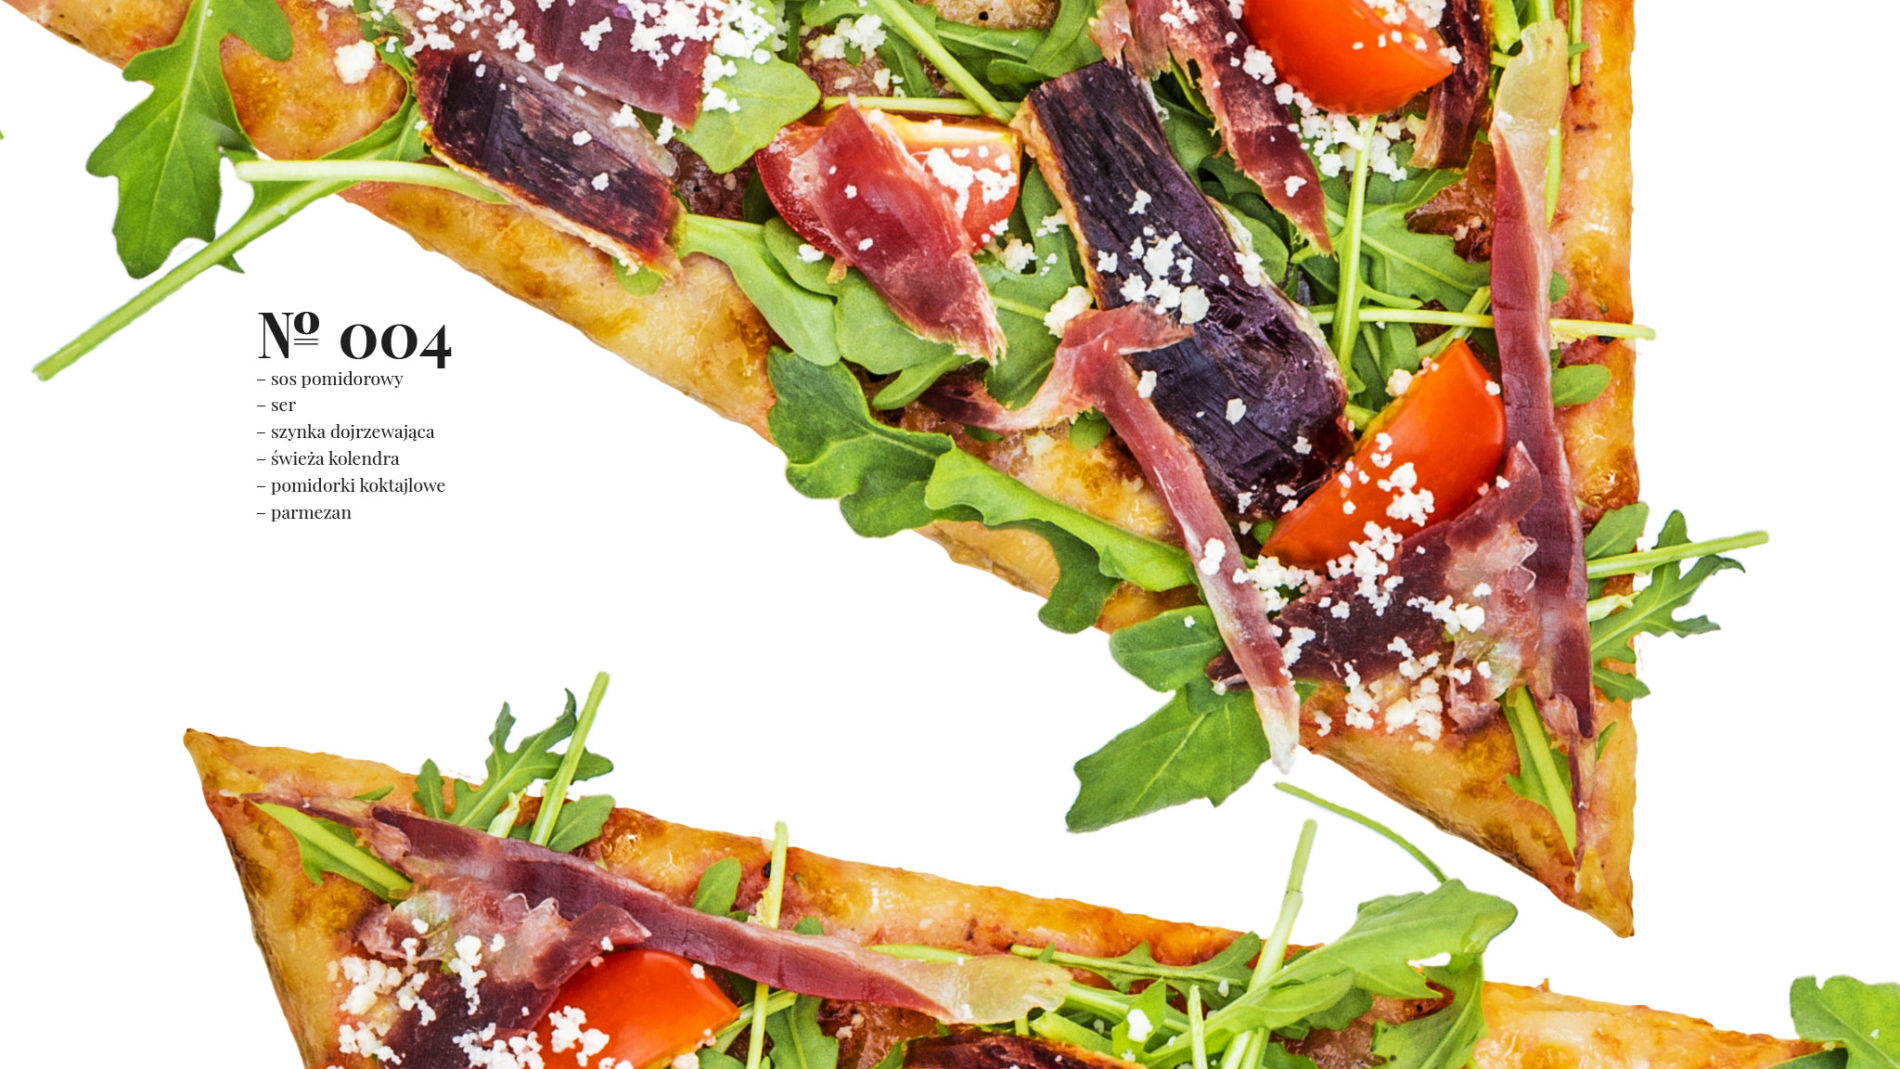 Pizza 60 freebee system – sos pomidorowy – ser – szynka dojrzewająca – świeża kolendra – pomidorki koktajlowe – parmezan